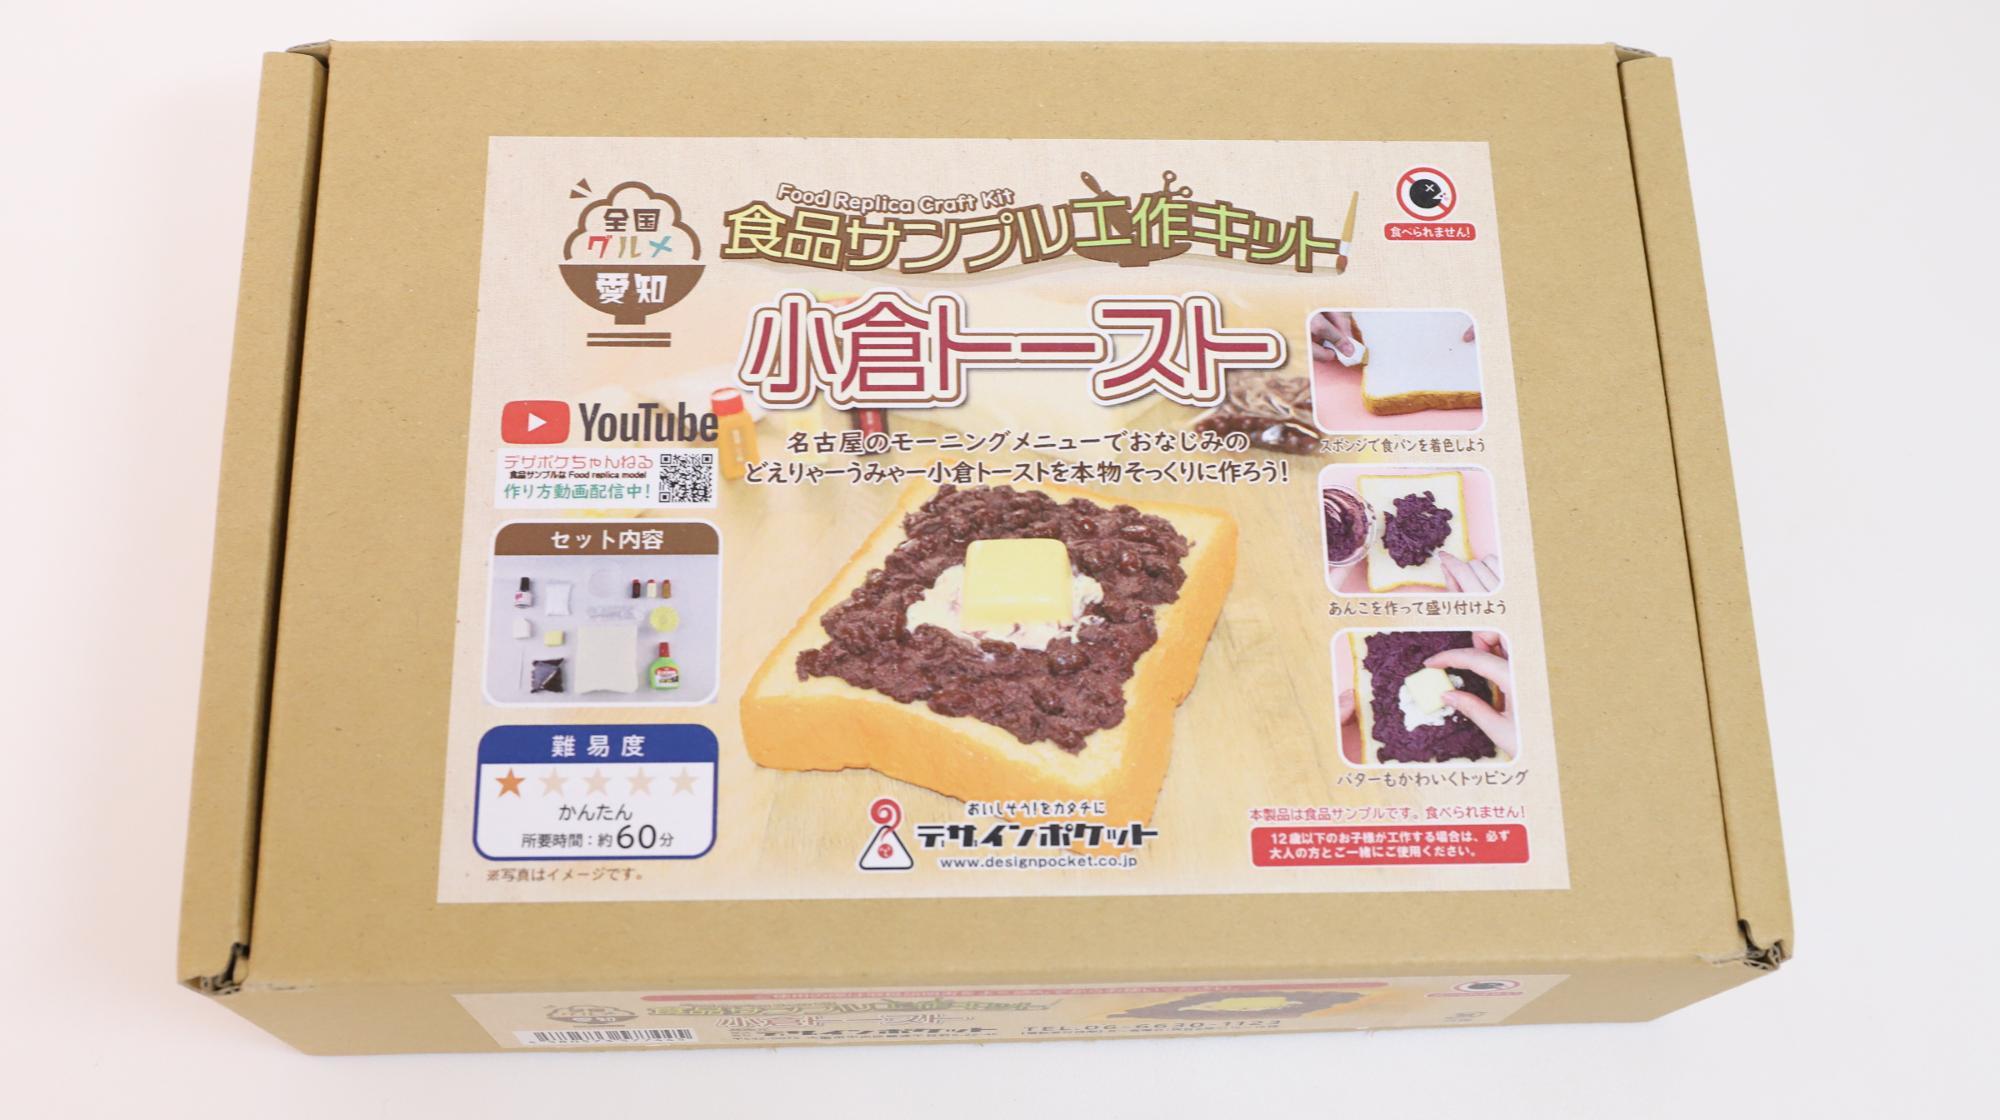 小倉トーストの食品サンプル工作キット